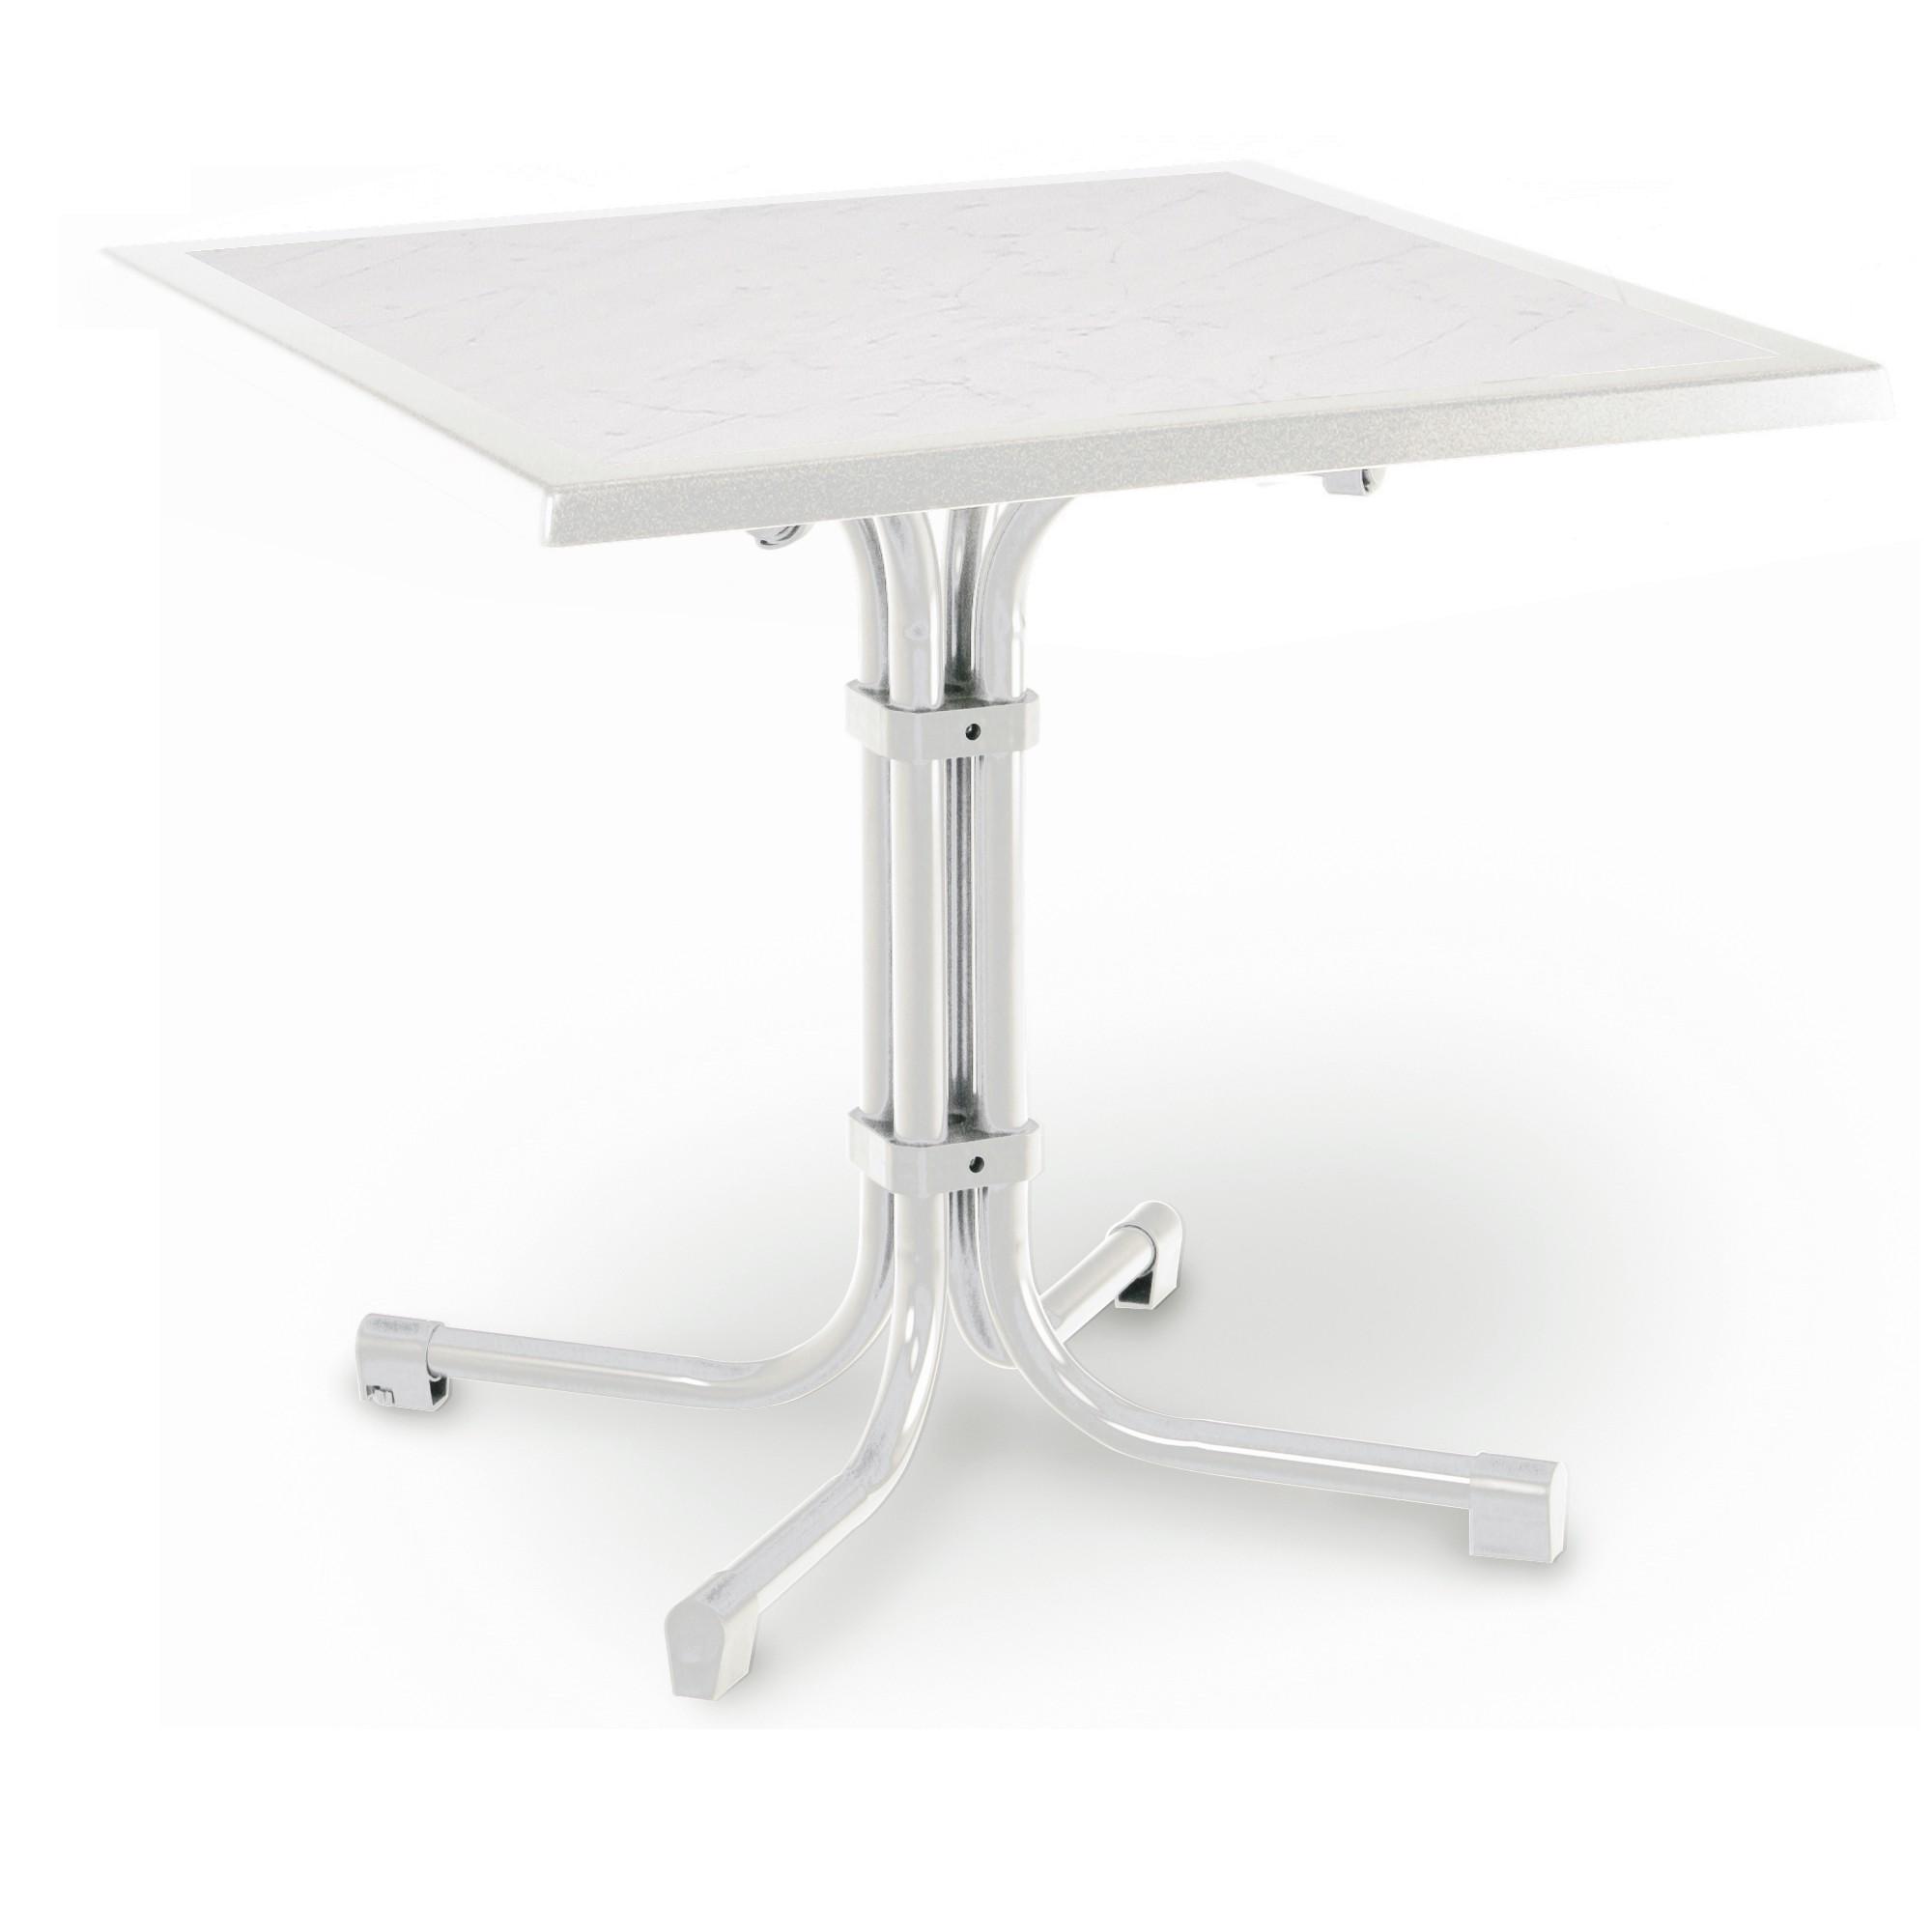 Table de jardin Boulevard - Pliable - Tube en acier / Werzalit - Blanc / Anthracite - Blanc / Marbré